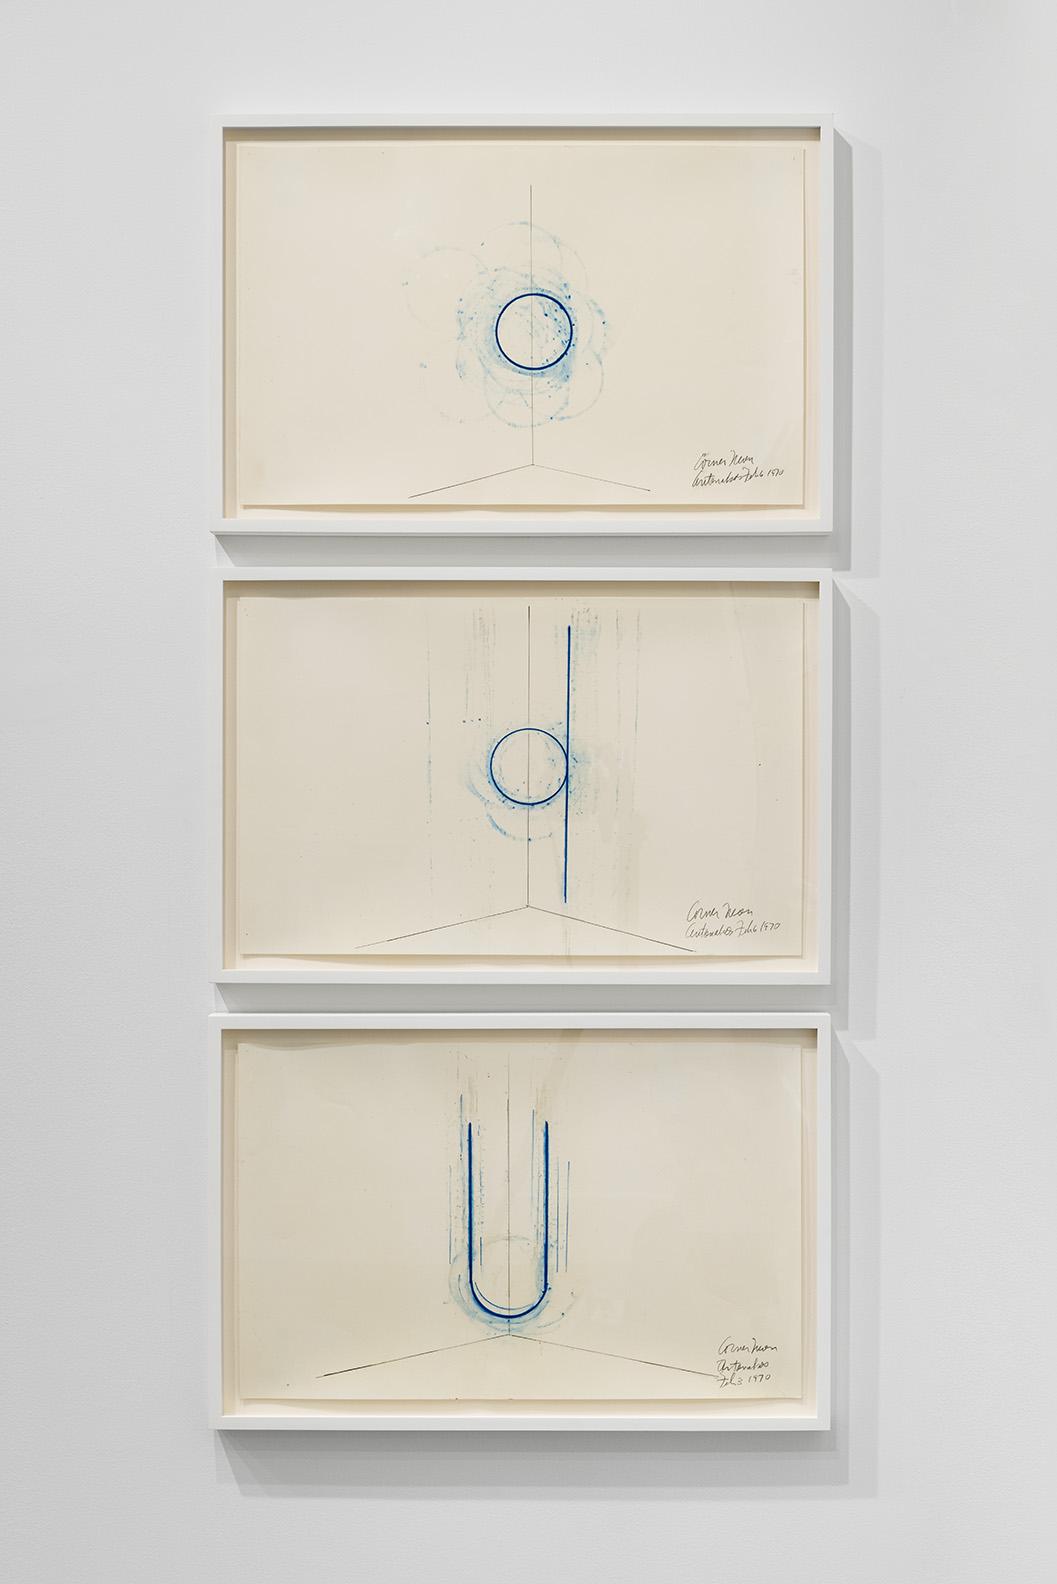 Geometry Art by Stephen Antonakos